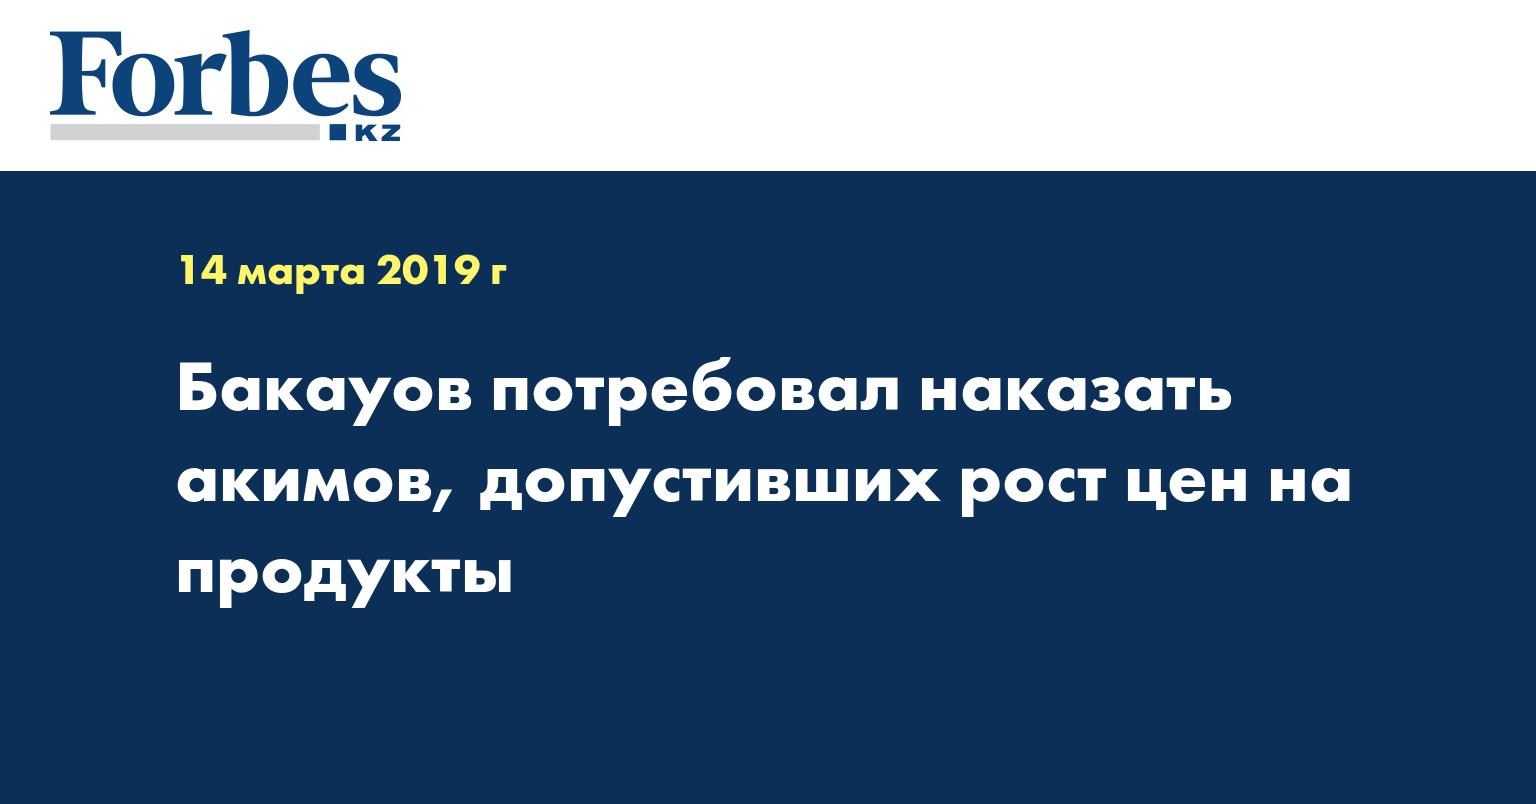 Бакауов потребовал наказать акимов, допустивших рост цен на продукты